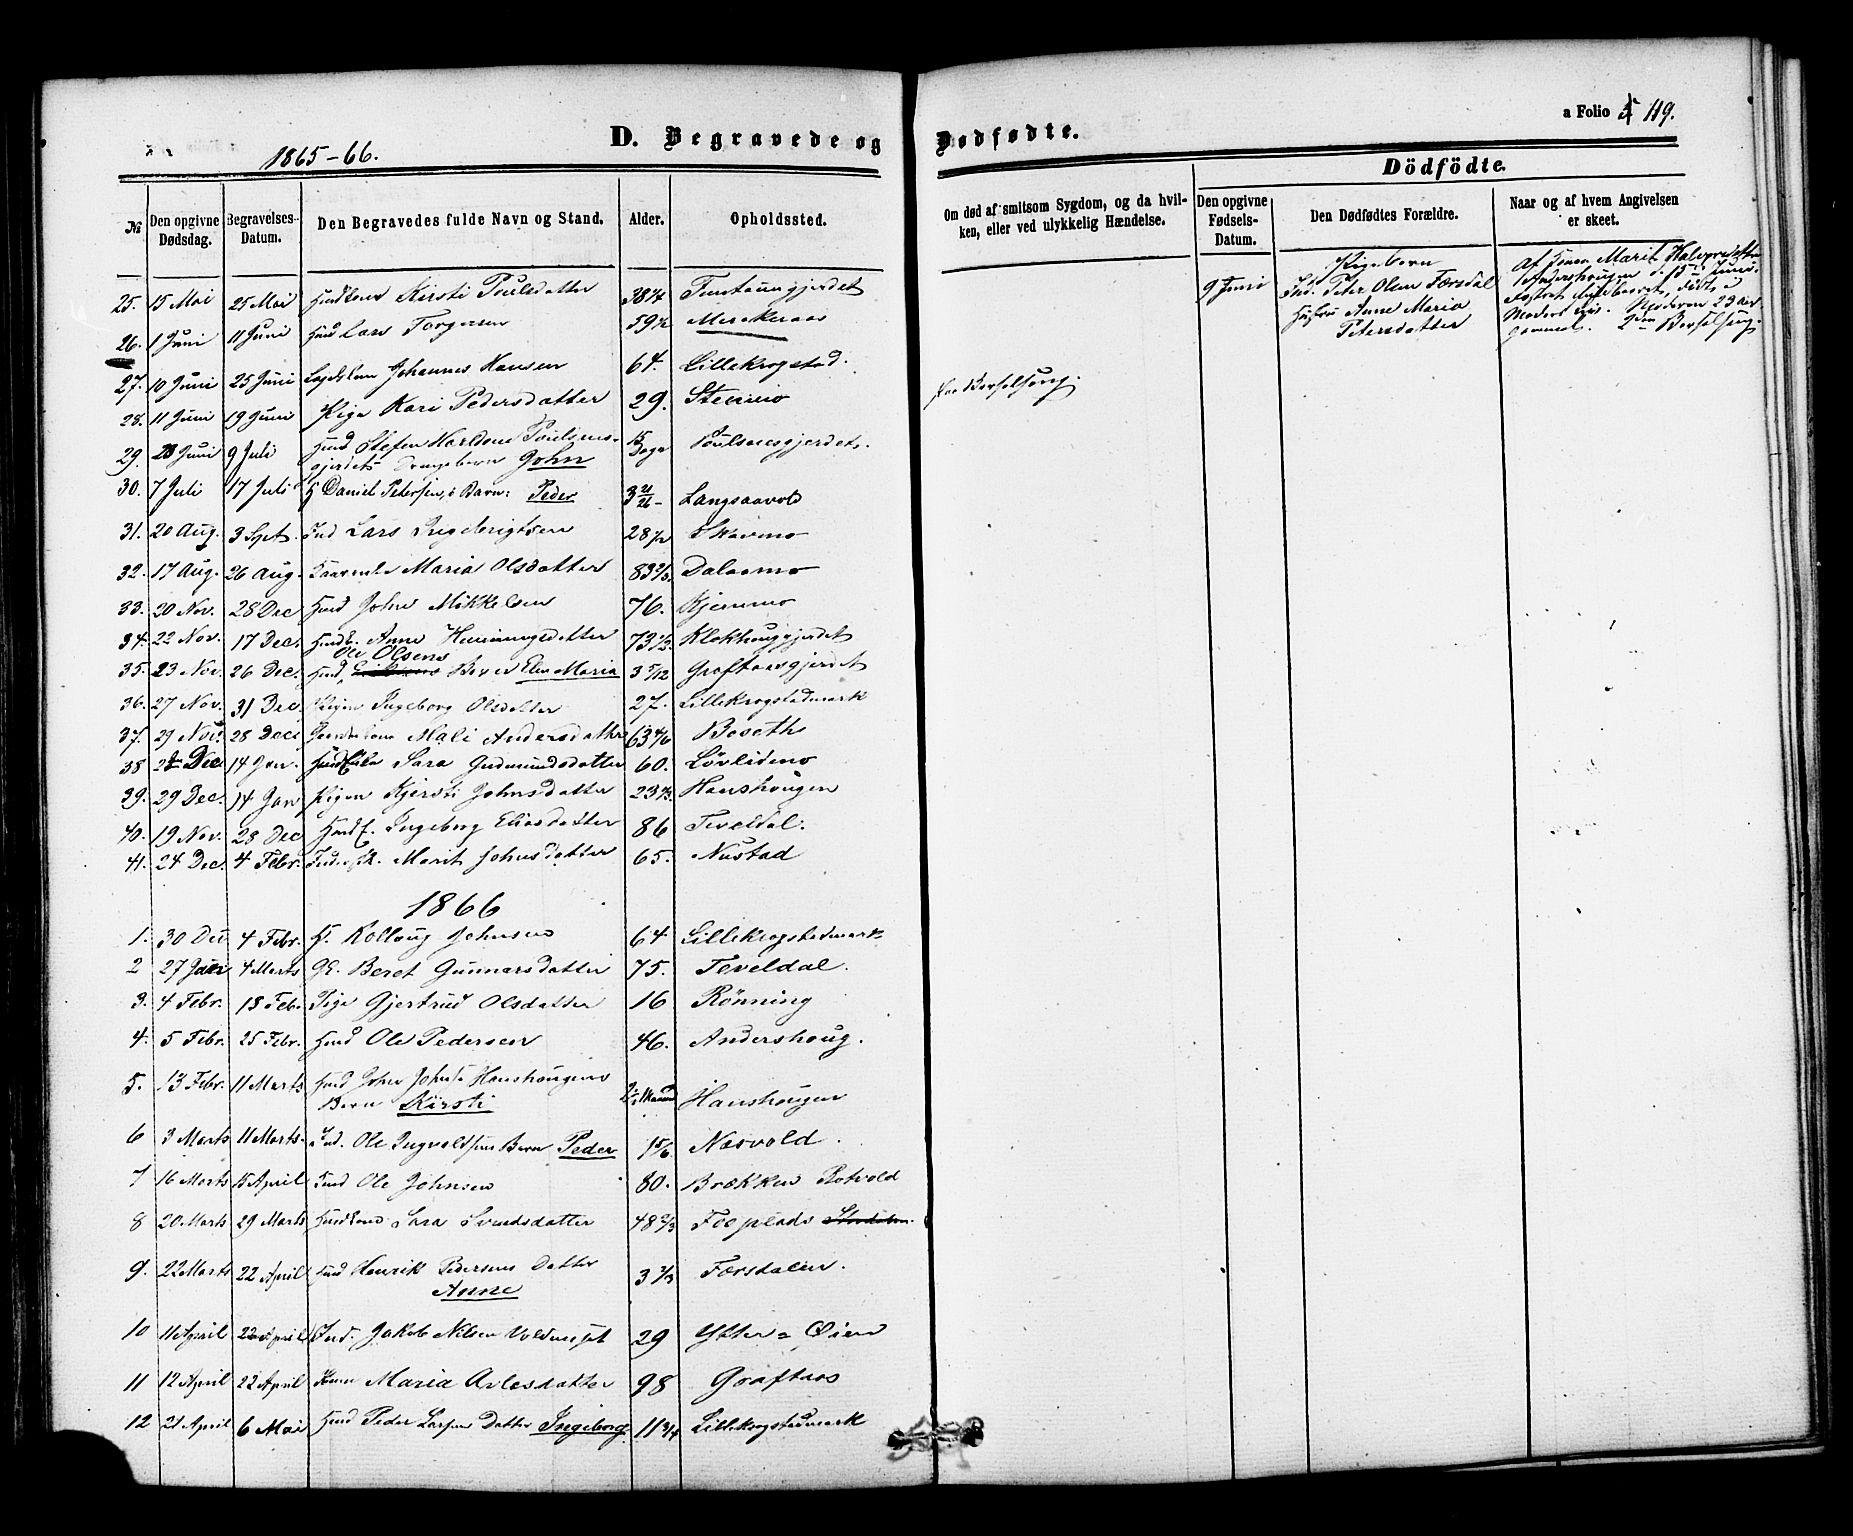 SAT, Ministerialprotokoller, klokkerbøker og fødselsregistre - Nord-Trøndelag, 706/L0041: Ministerialbok nr. 706A02, 1862-1877, s. 119